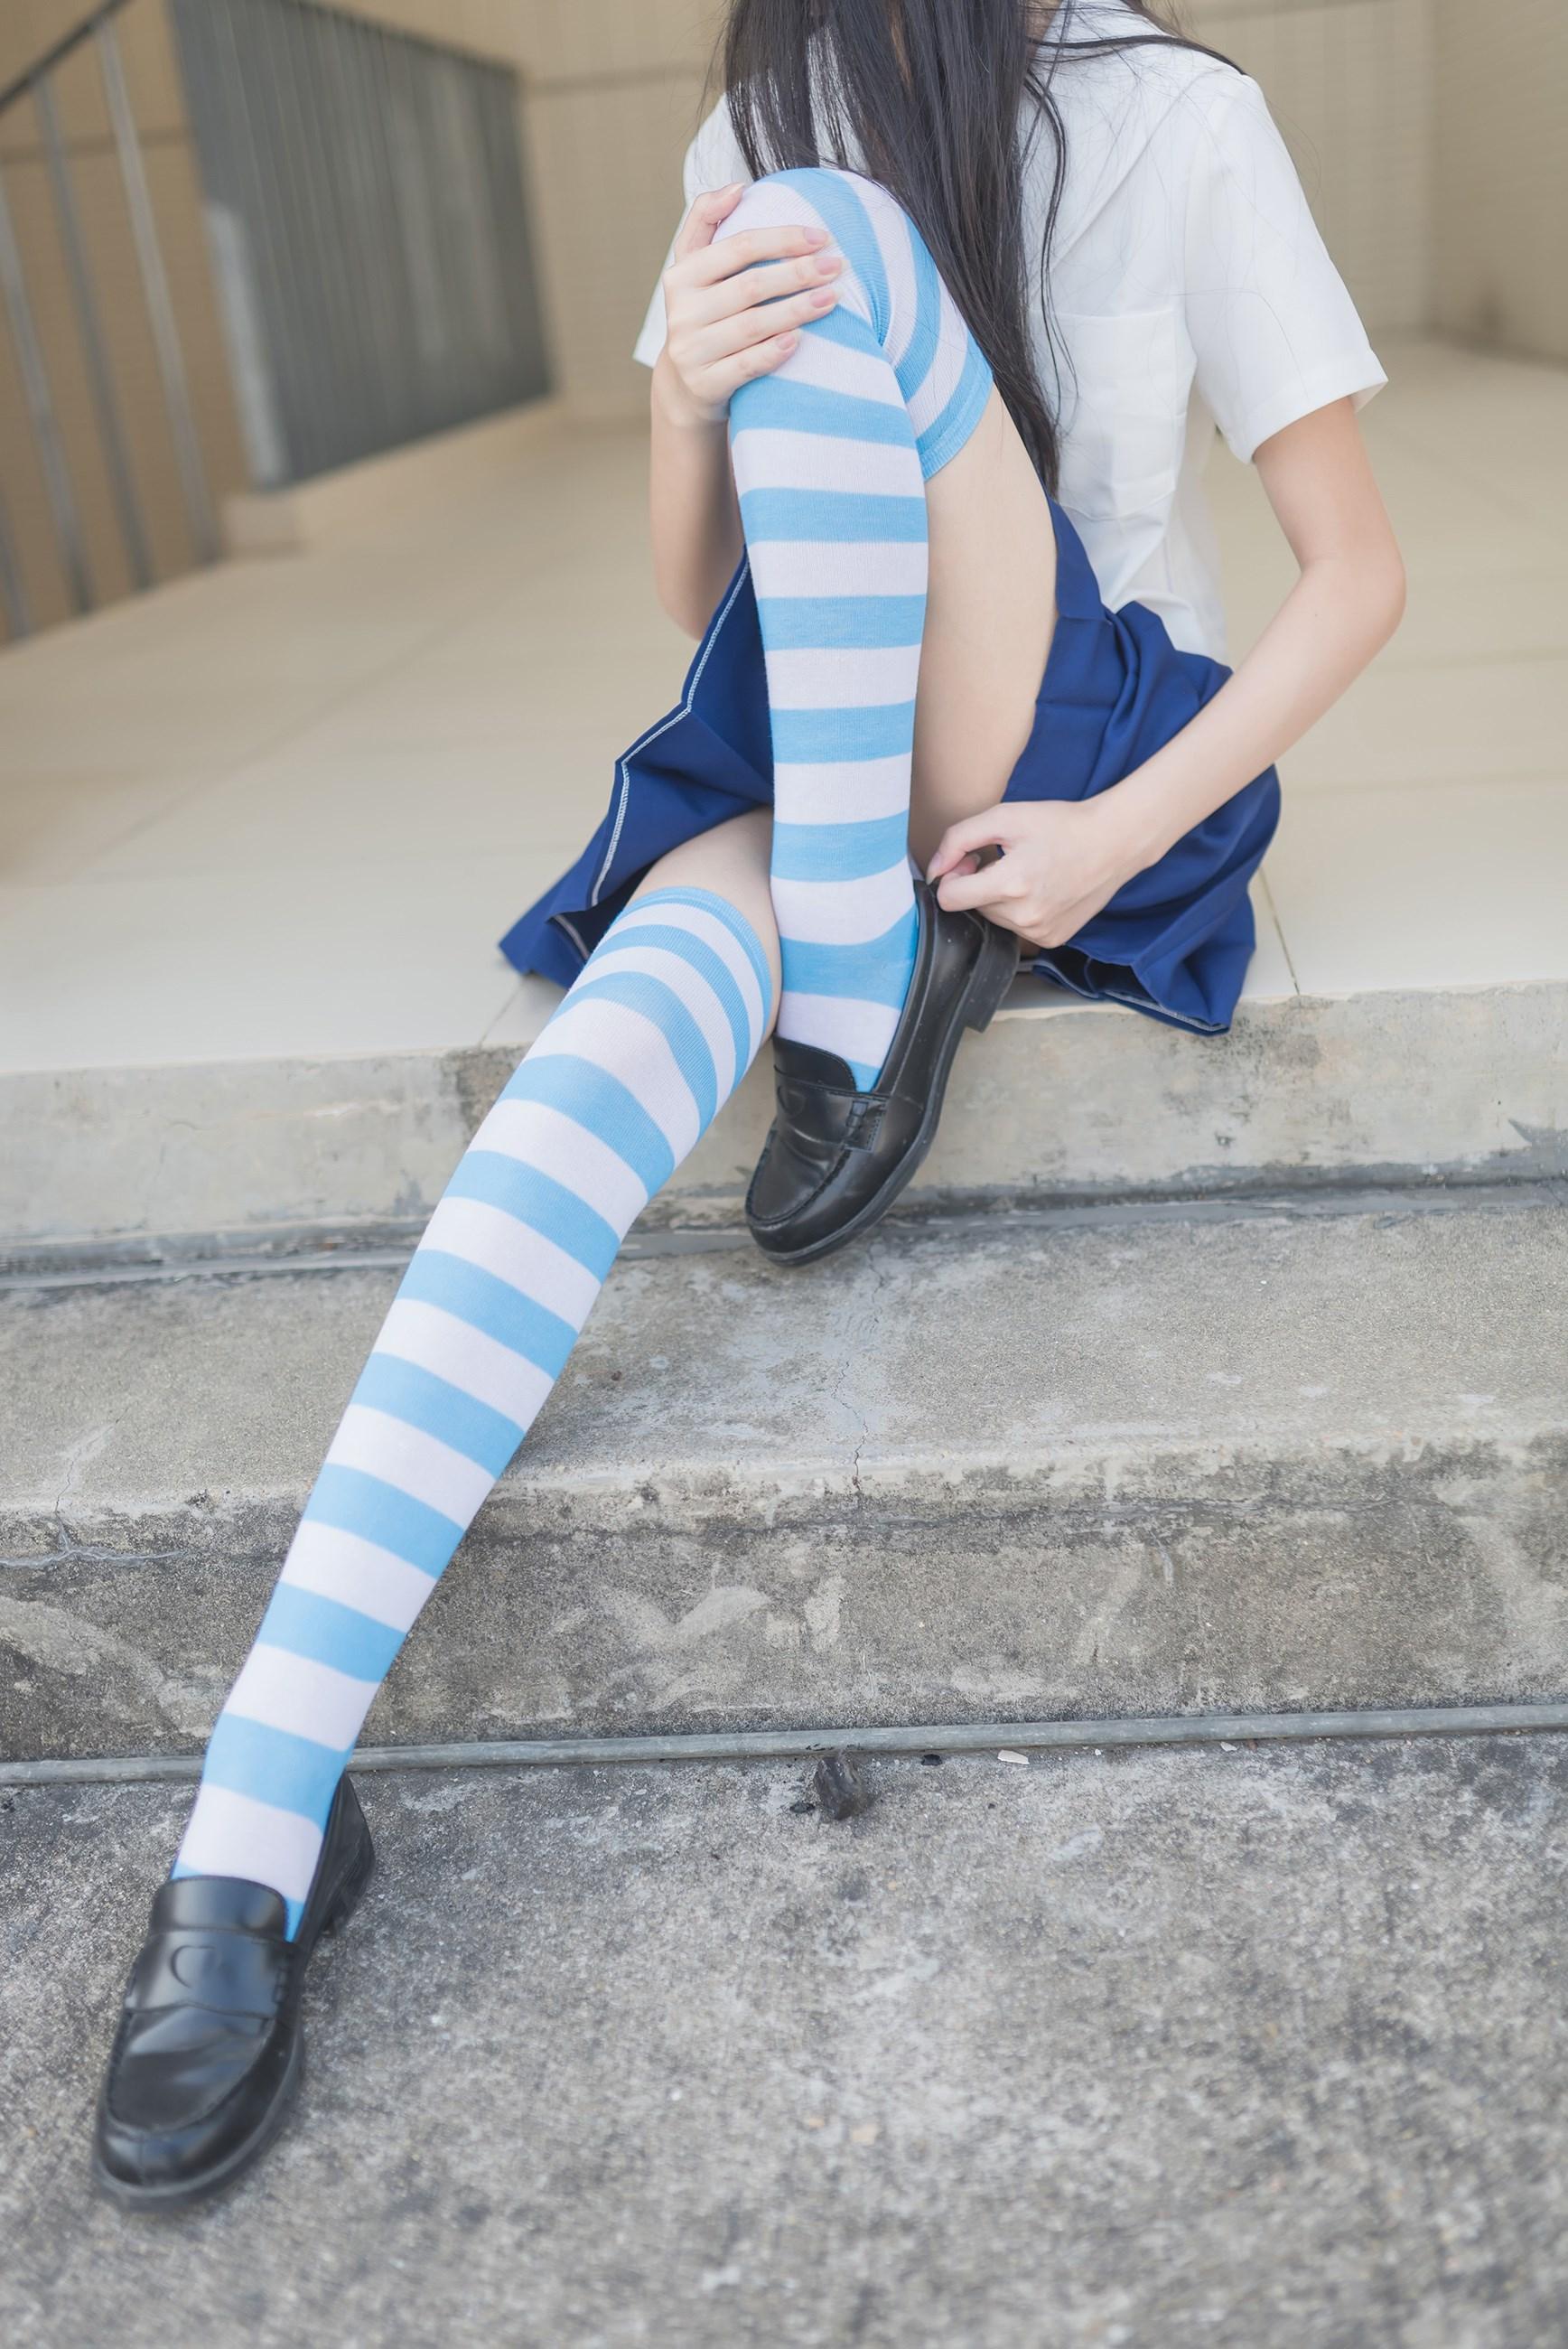 【兔玩映画】蓝白条纹的小细腿 兔玩映画 第2张